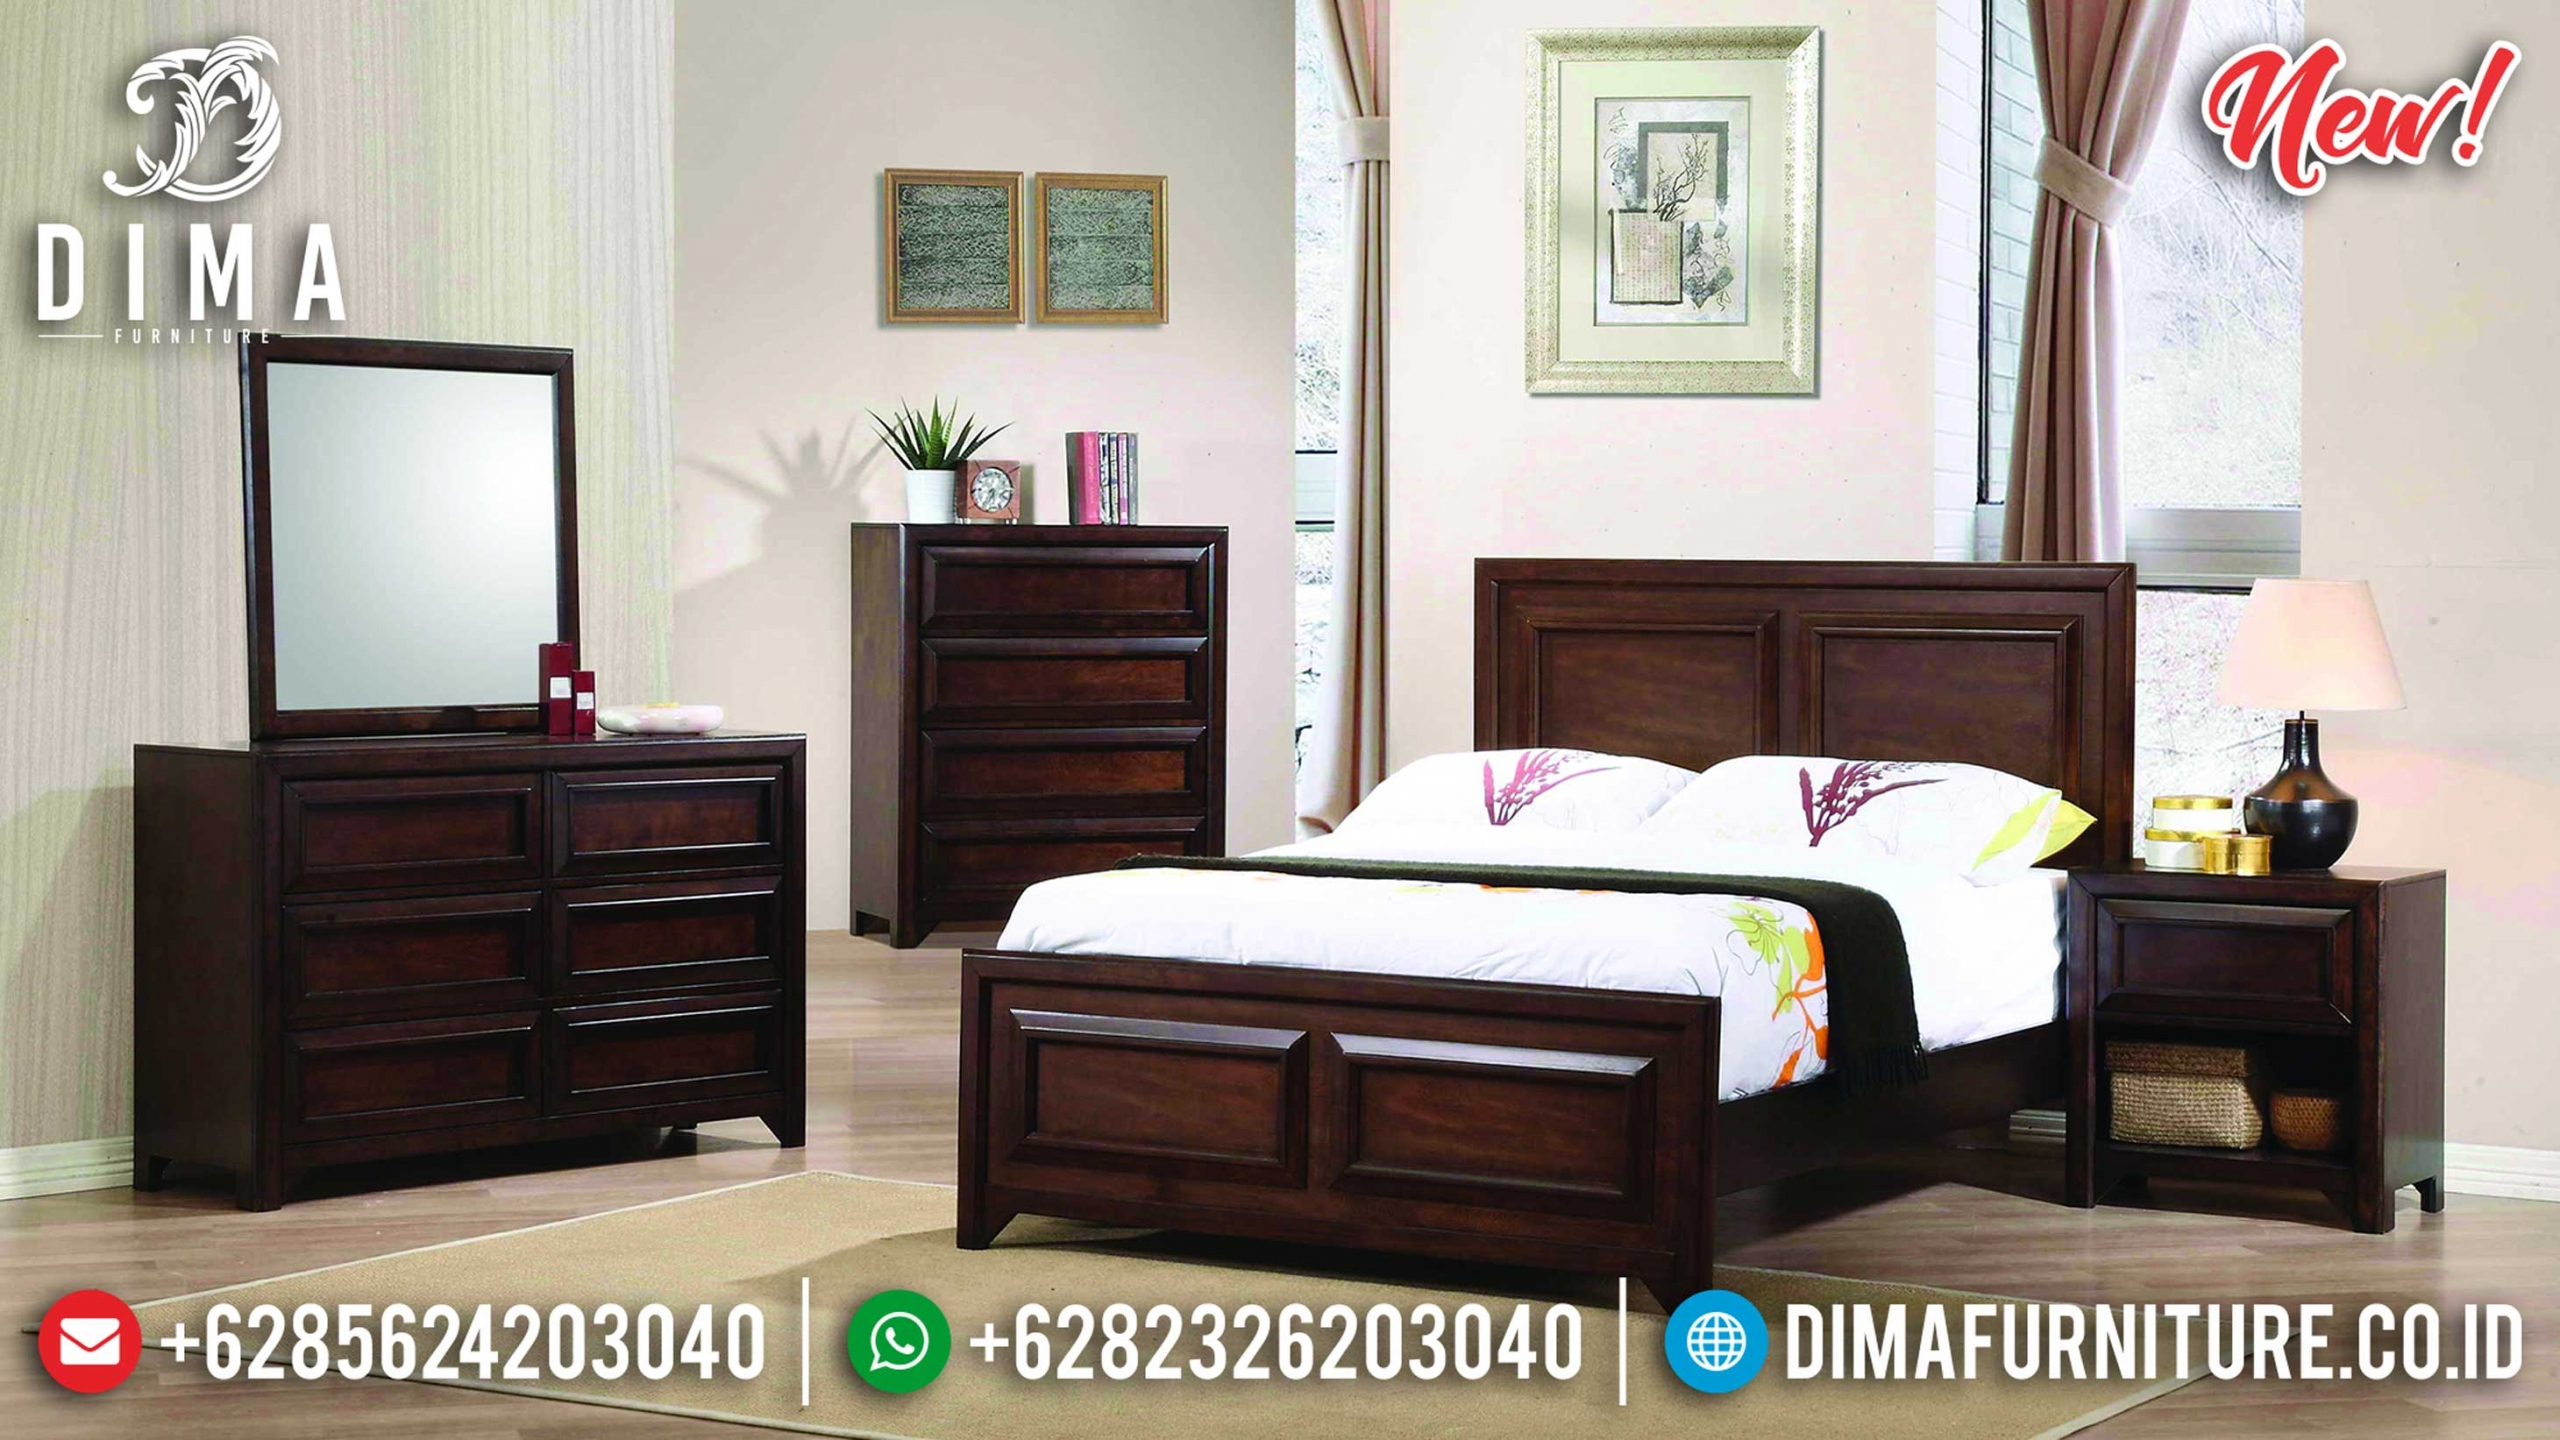 Desain Tempat Tidur Minimalis Kayu Jati Natural New Years Update BT-0917